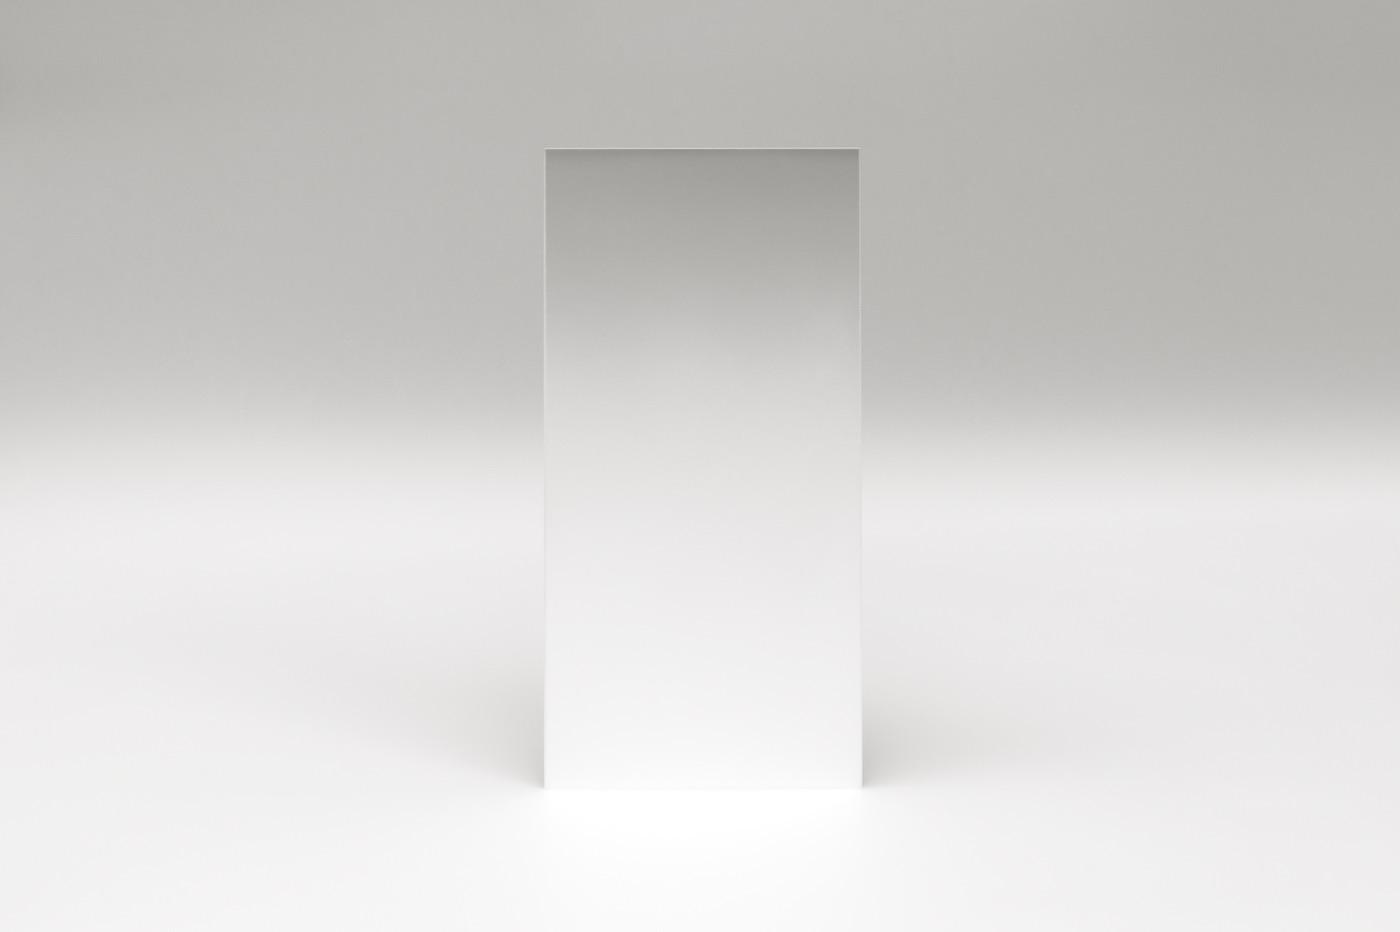 Plénitude,  Impression numérique montée sous acrylique , 2017